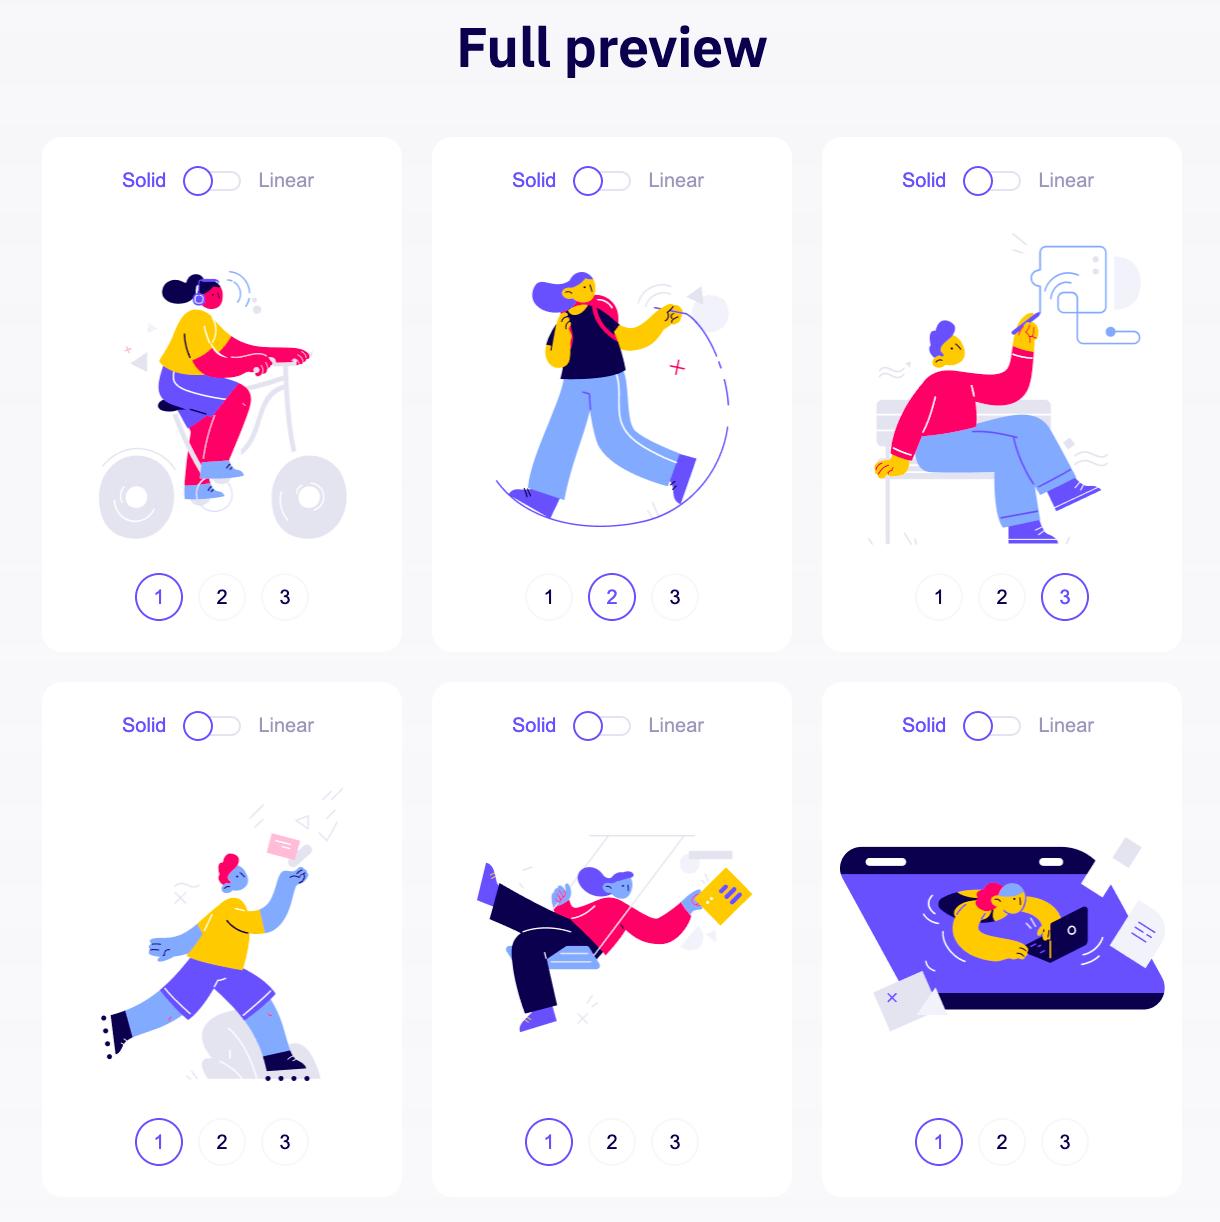 壹周速读:插画自学技巧,UI 设计师进阶秘诀和24款干货